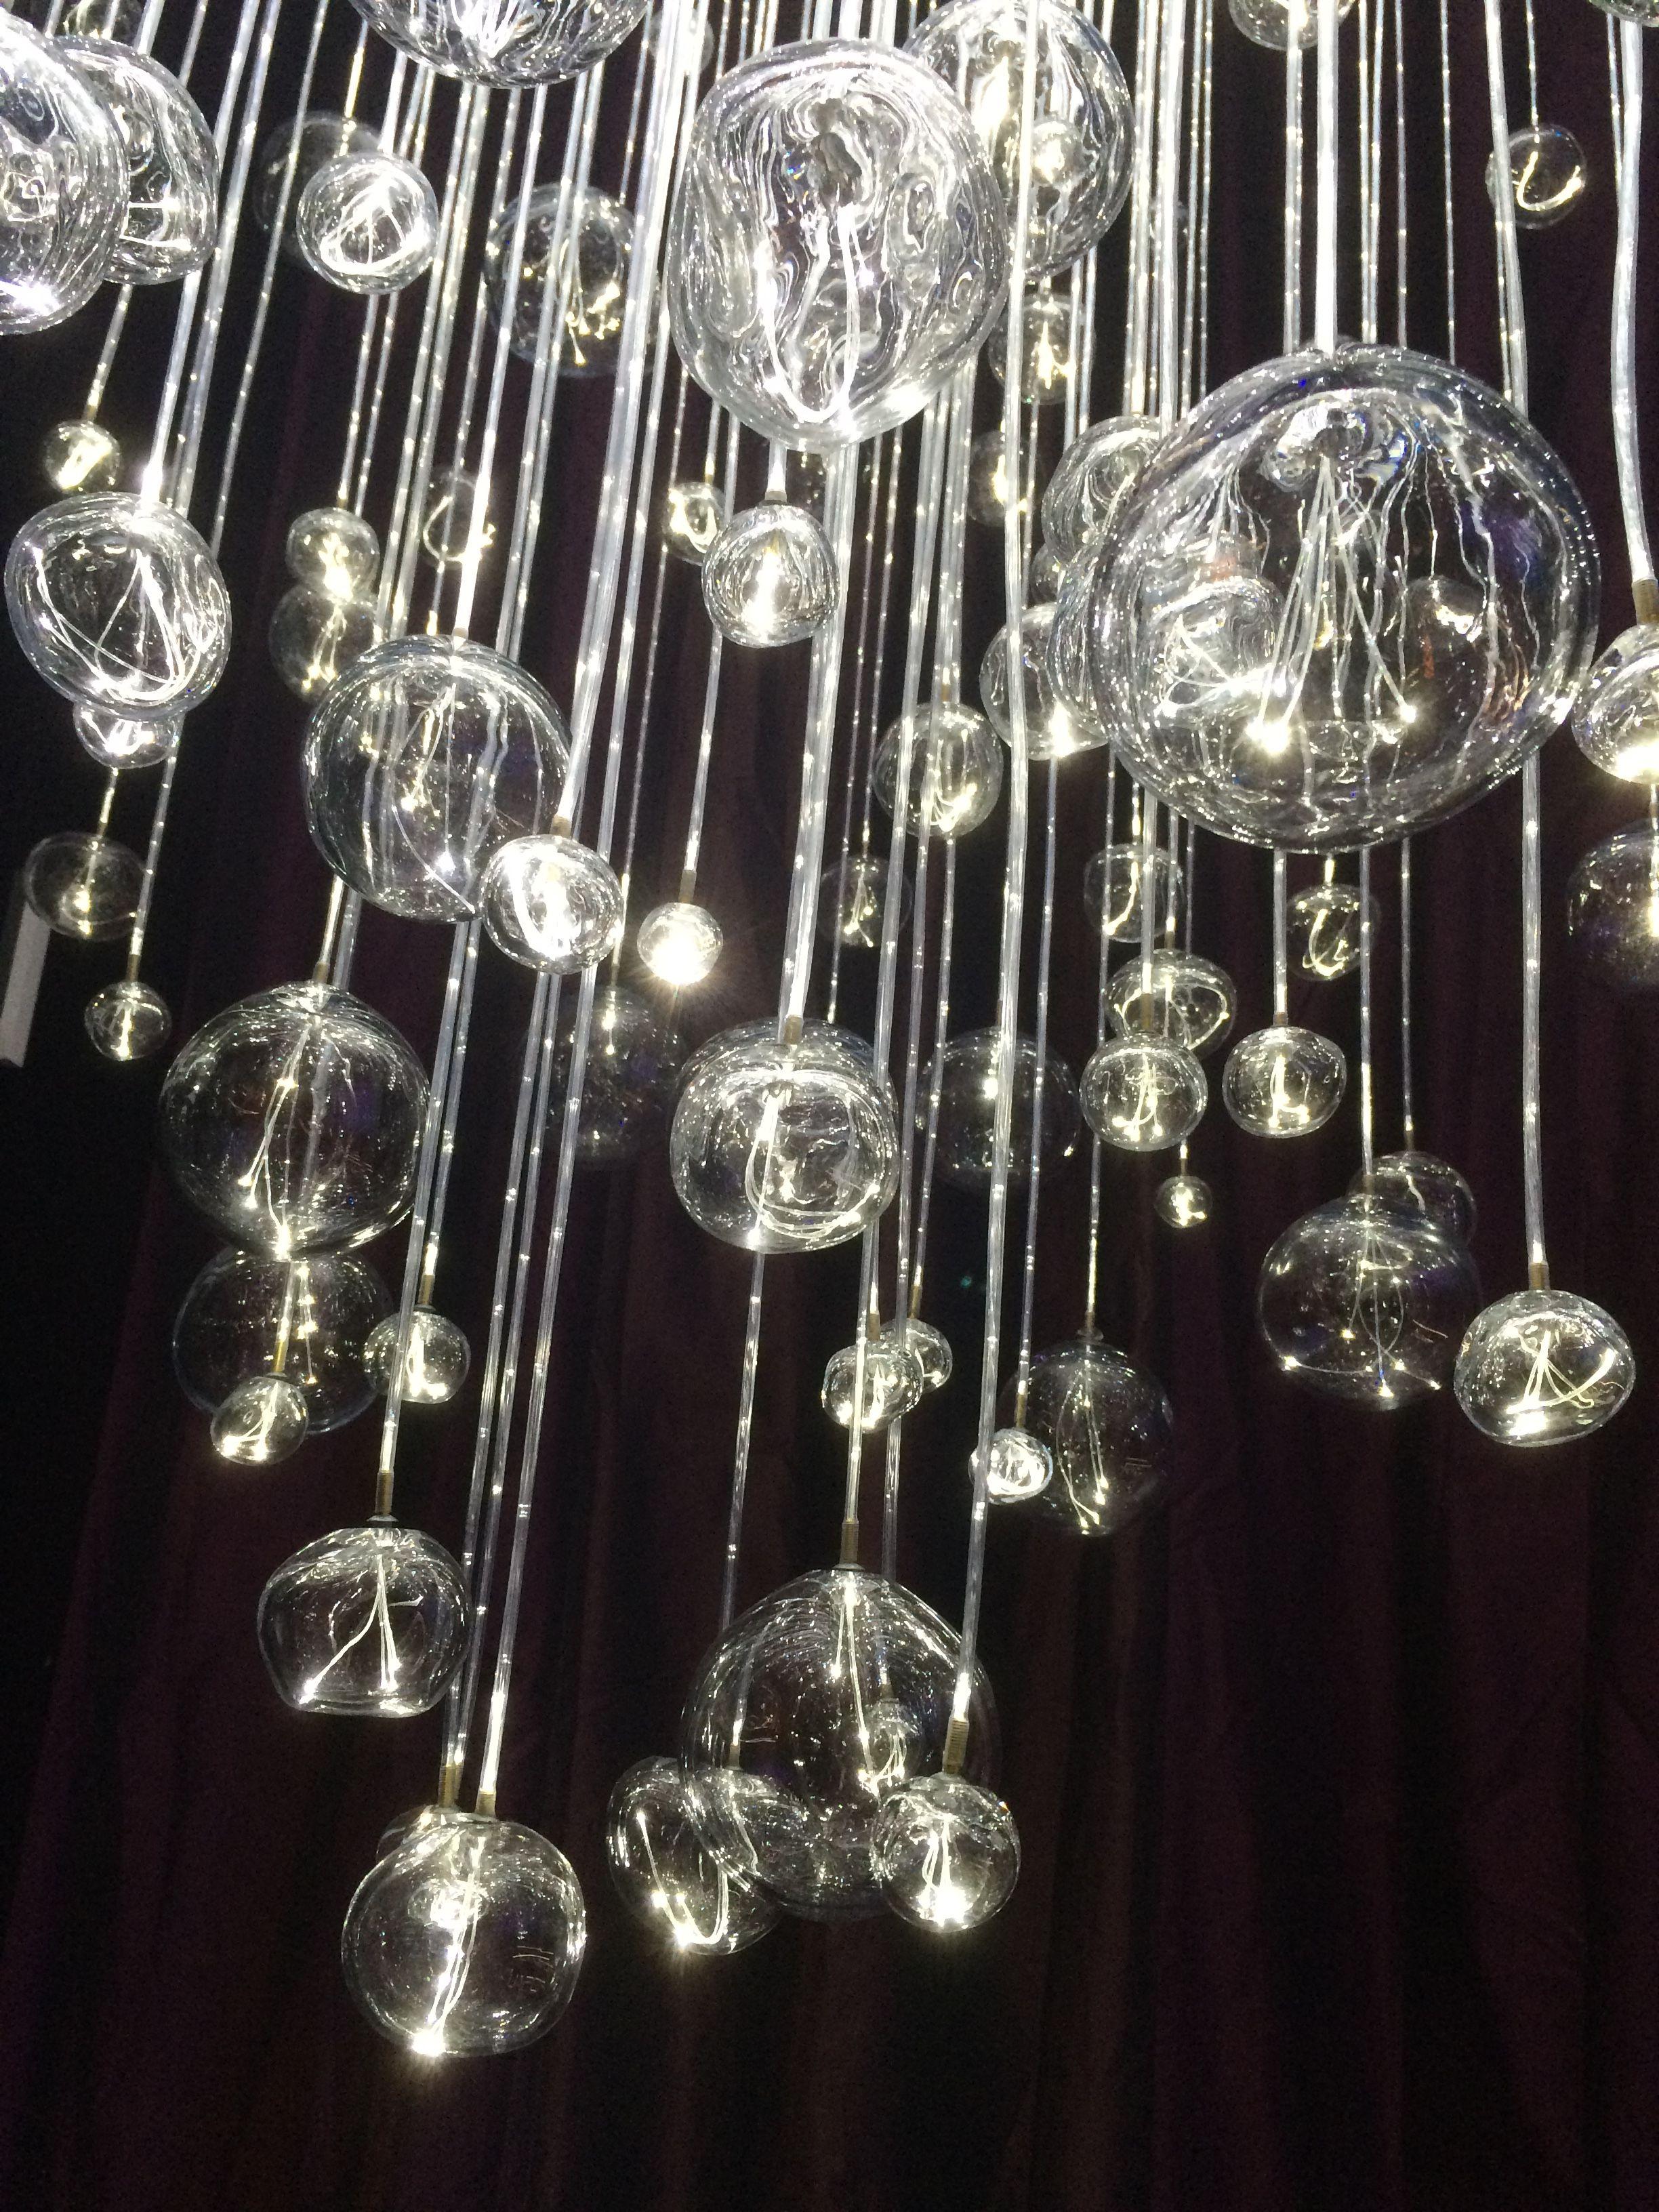 pluie de bulles de verre souffl de murano et fibre optique lustre de fabrication artisanale par. Black Bedroom Furniture Sets. Home Design Ideas